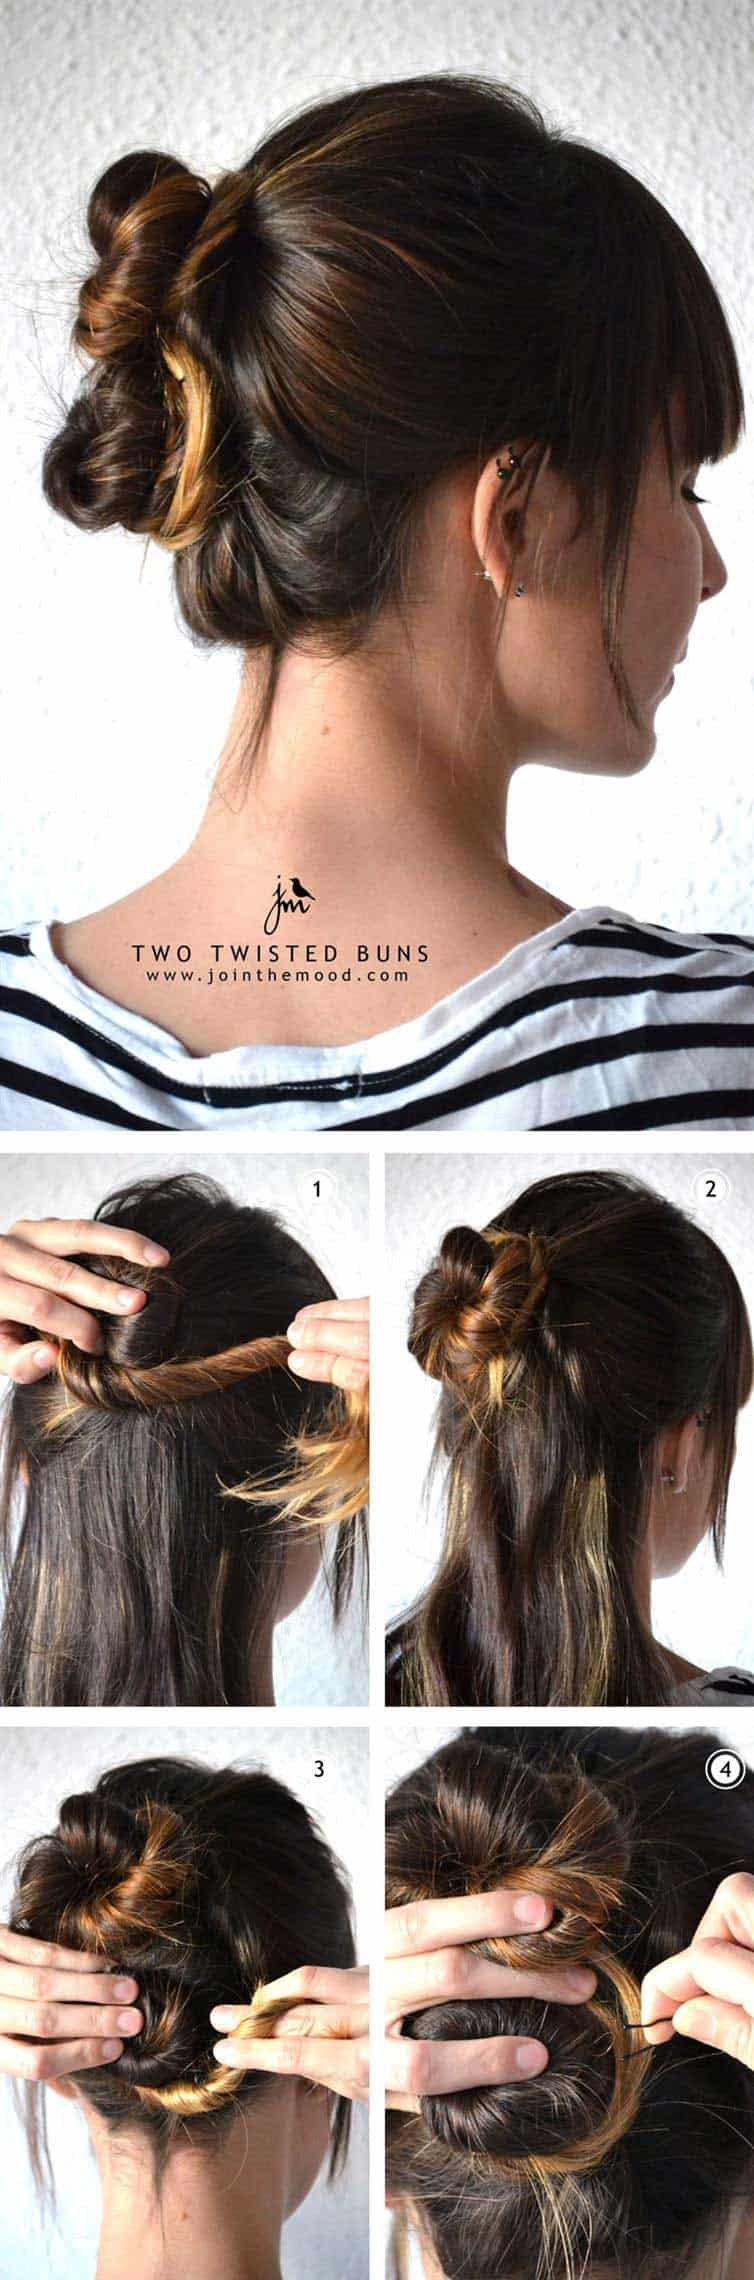 işe giderken yapılacak kolay saç modelleri topuz